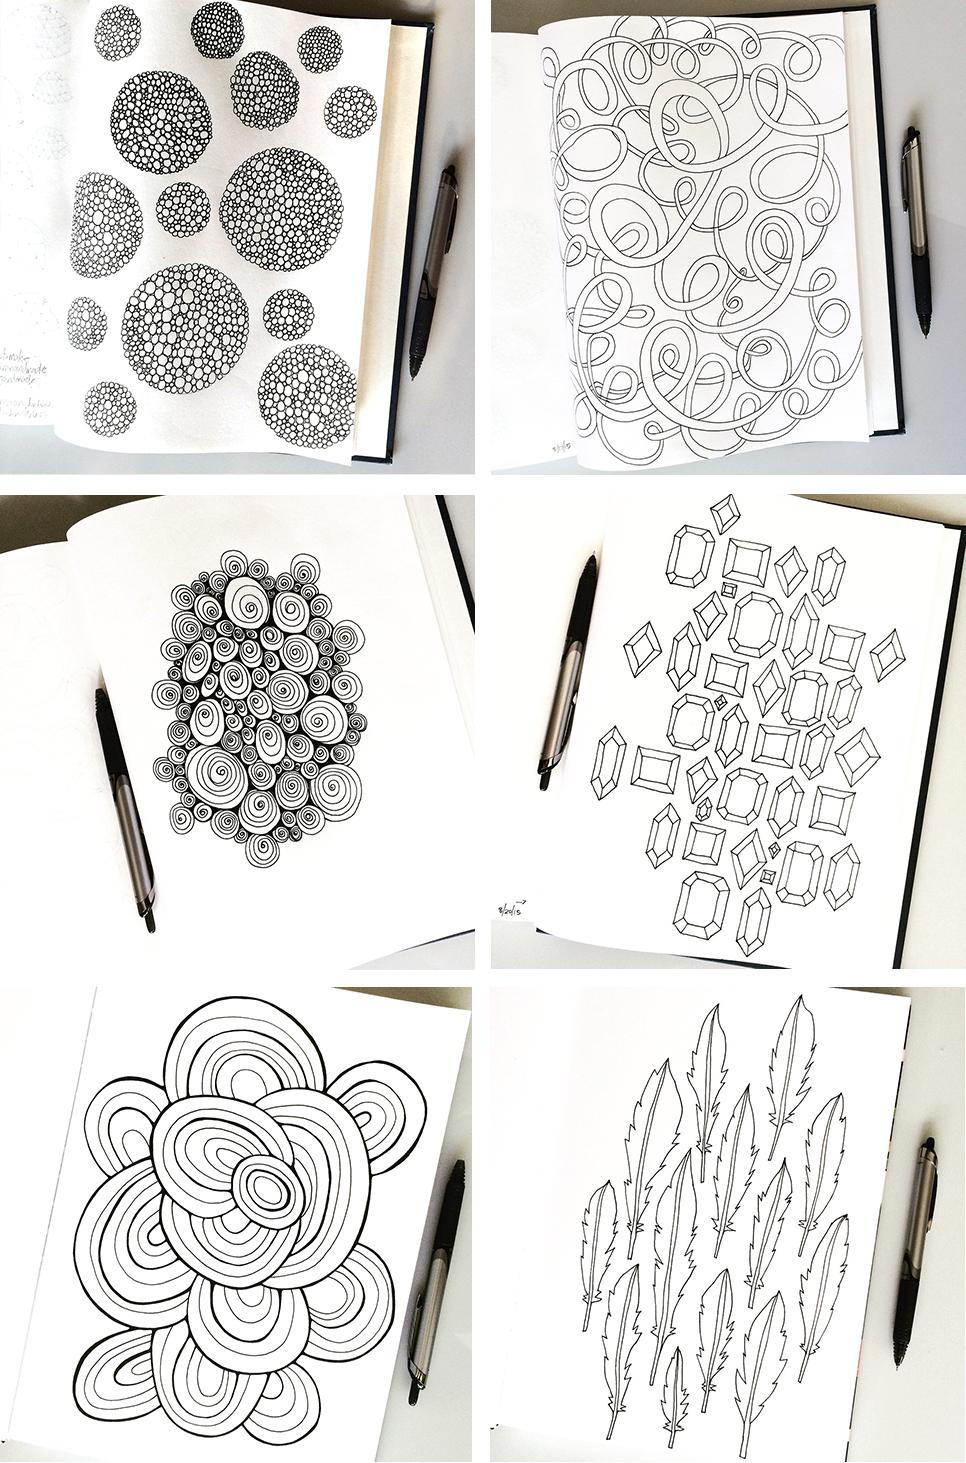 Sketchbook Pattern Drawings Day 25-30